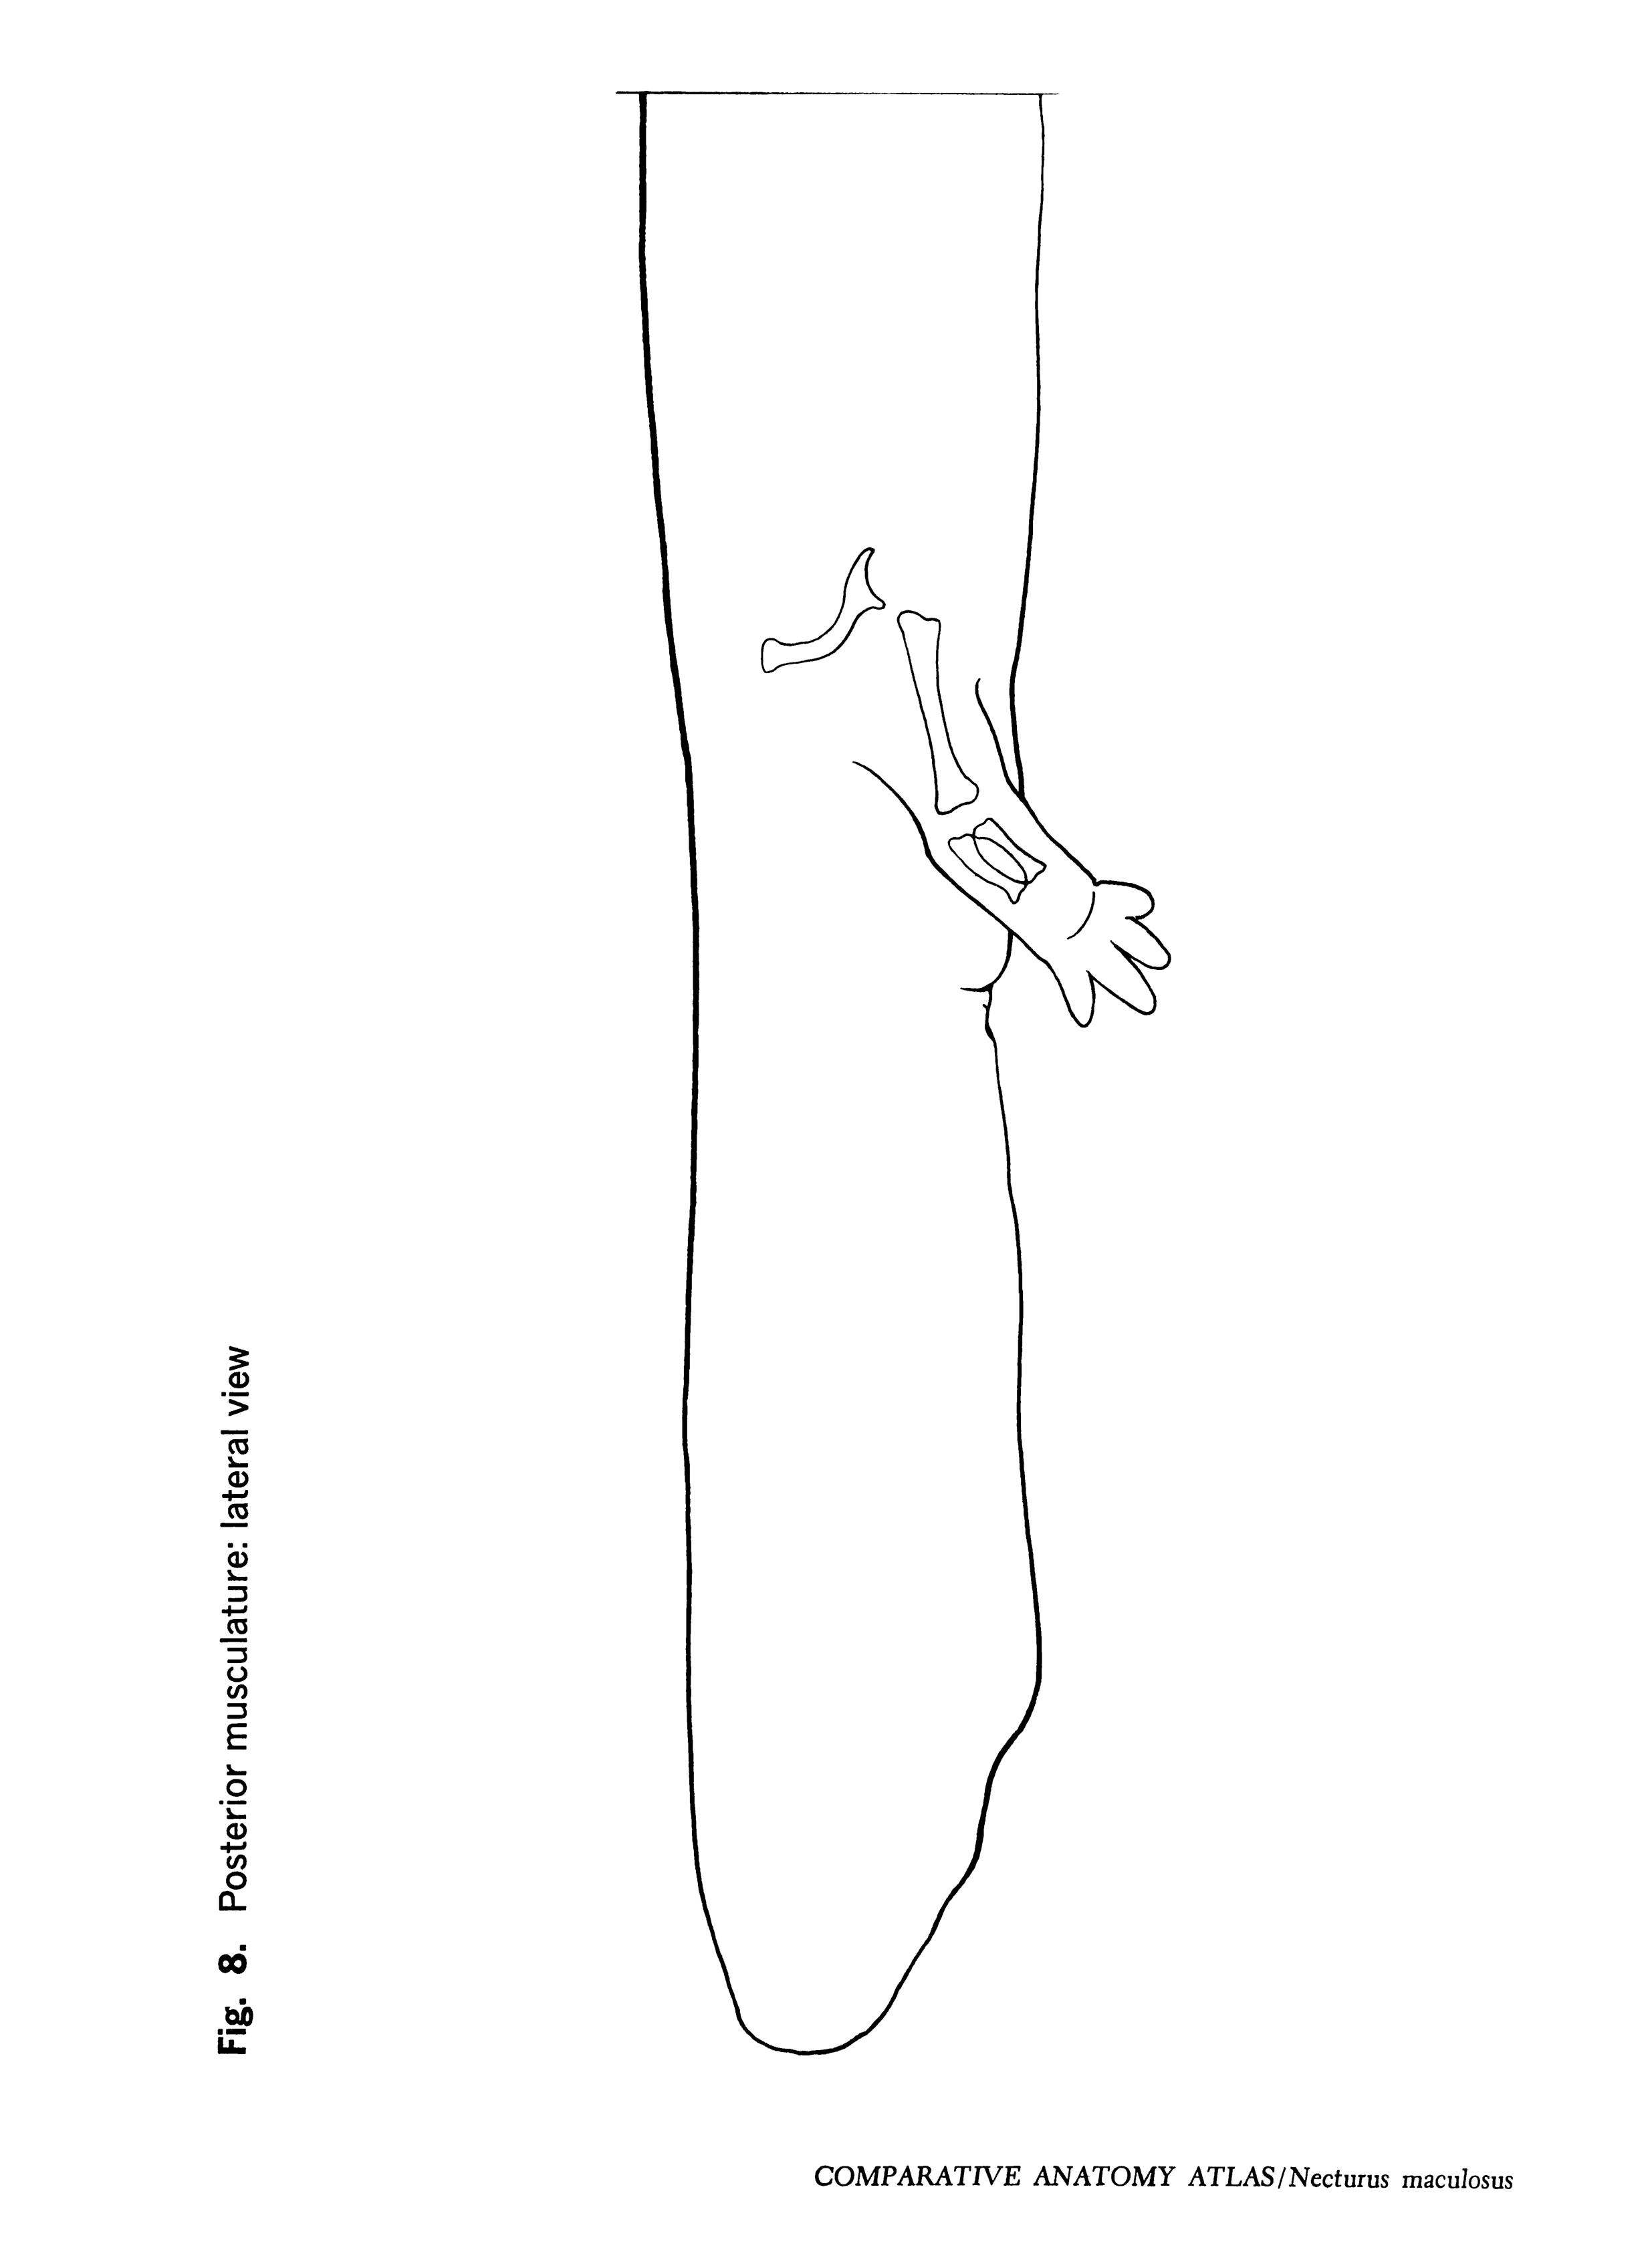 Necturus maculosus Figure 8